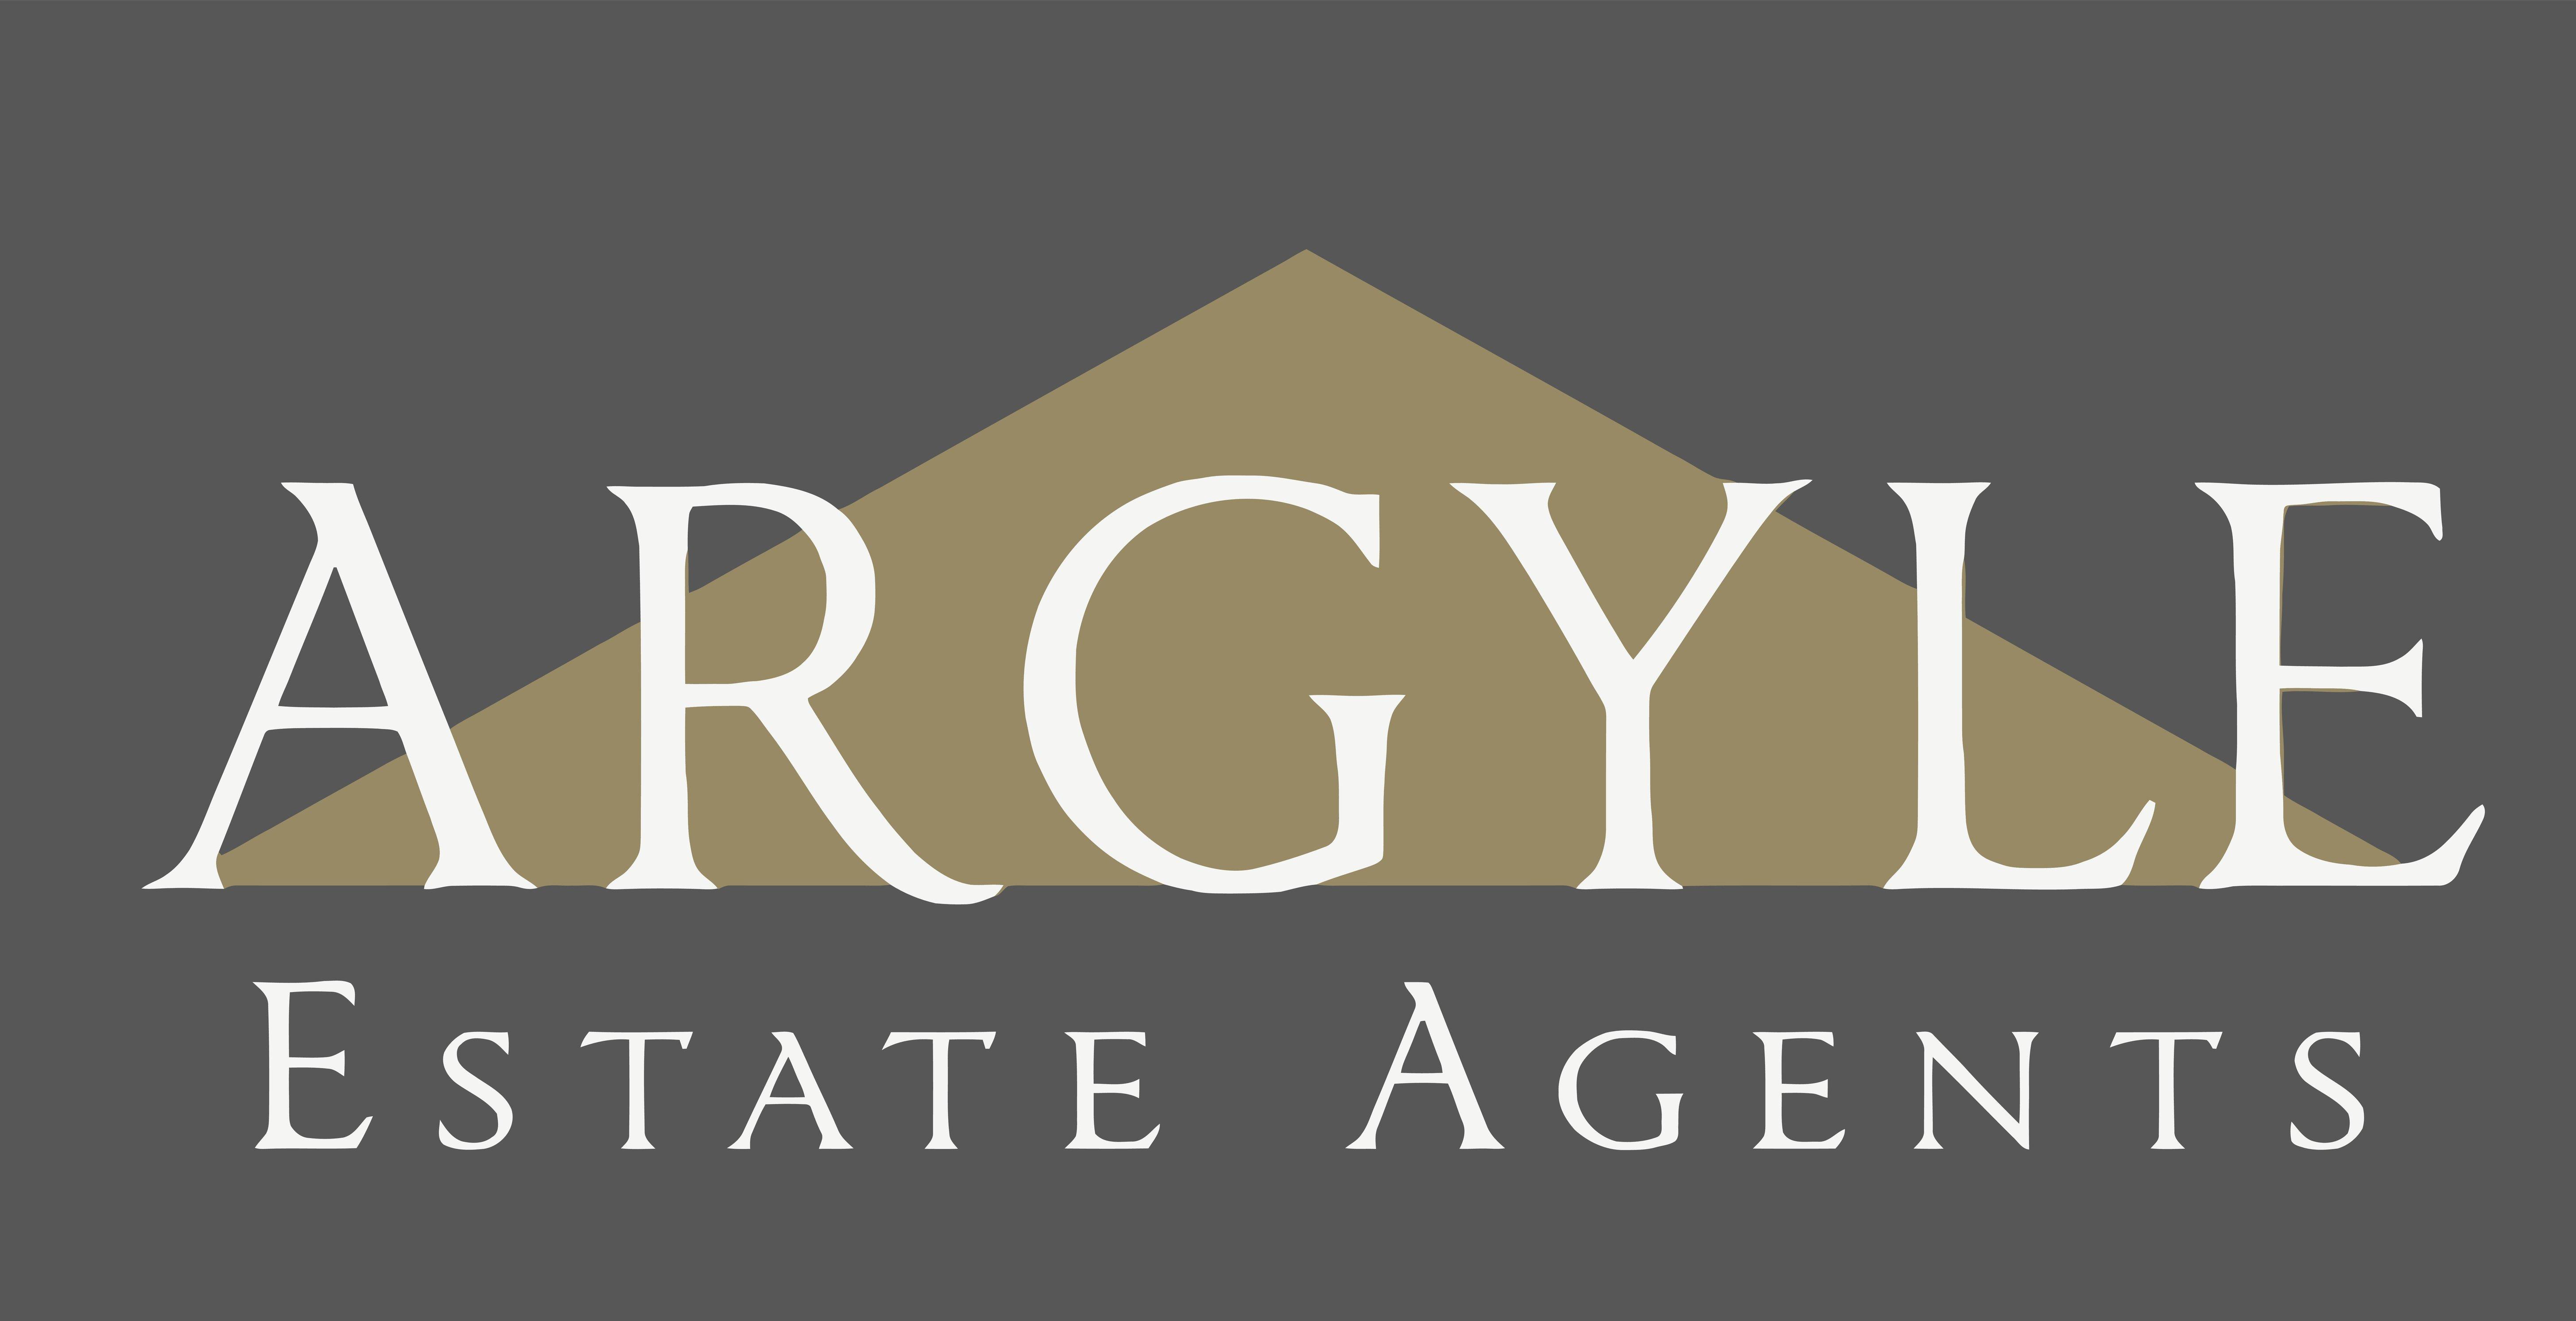 Argyle Estate Agents & Financial Services